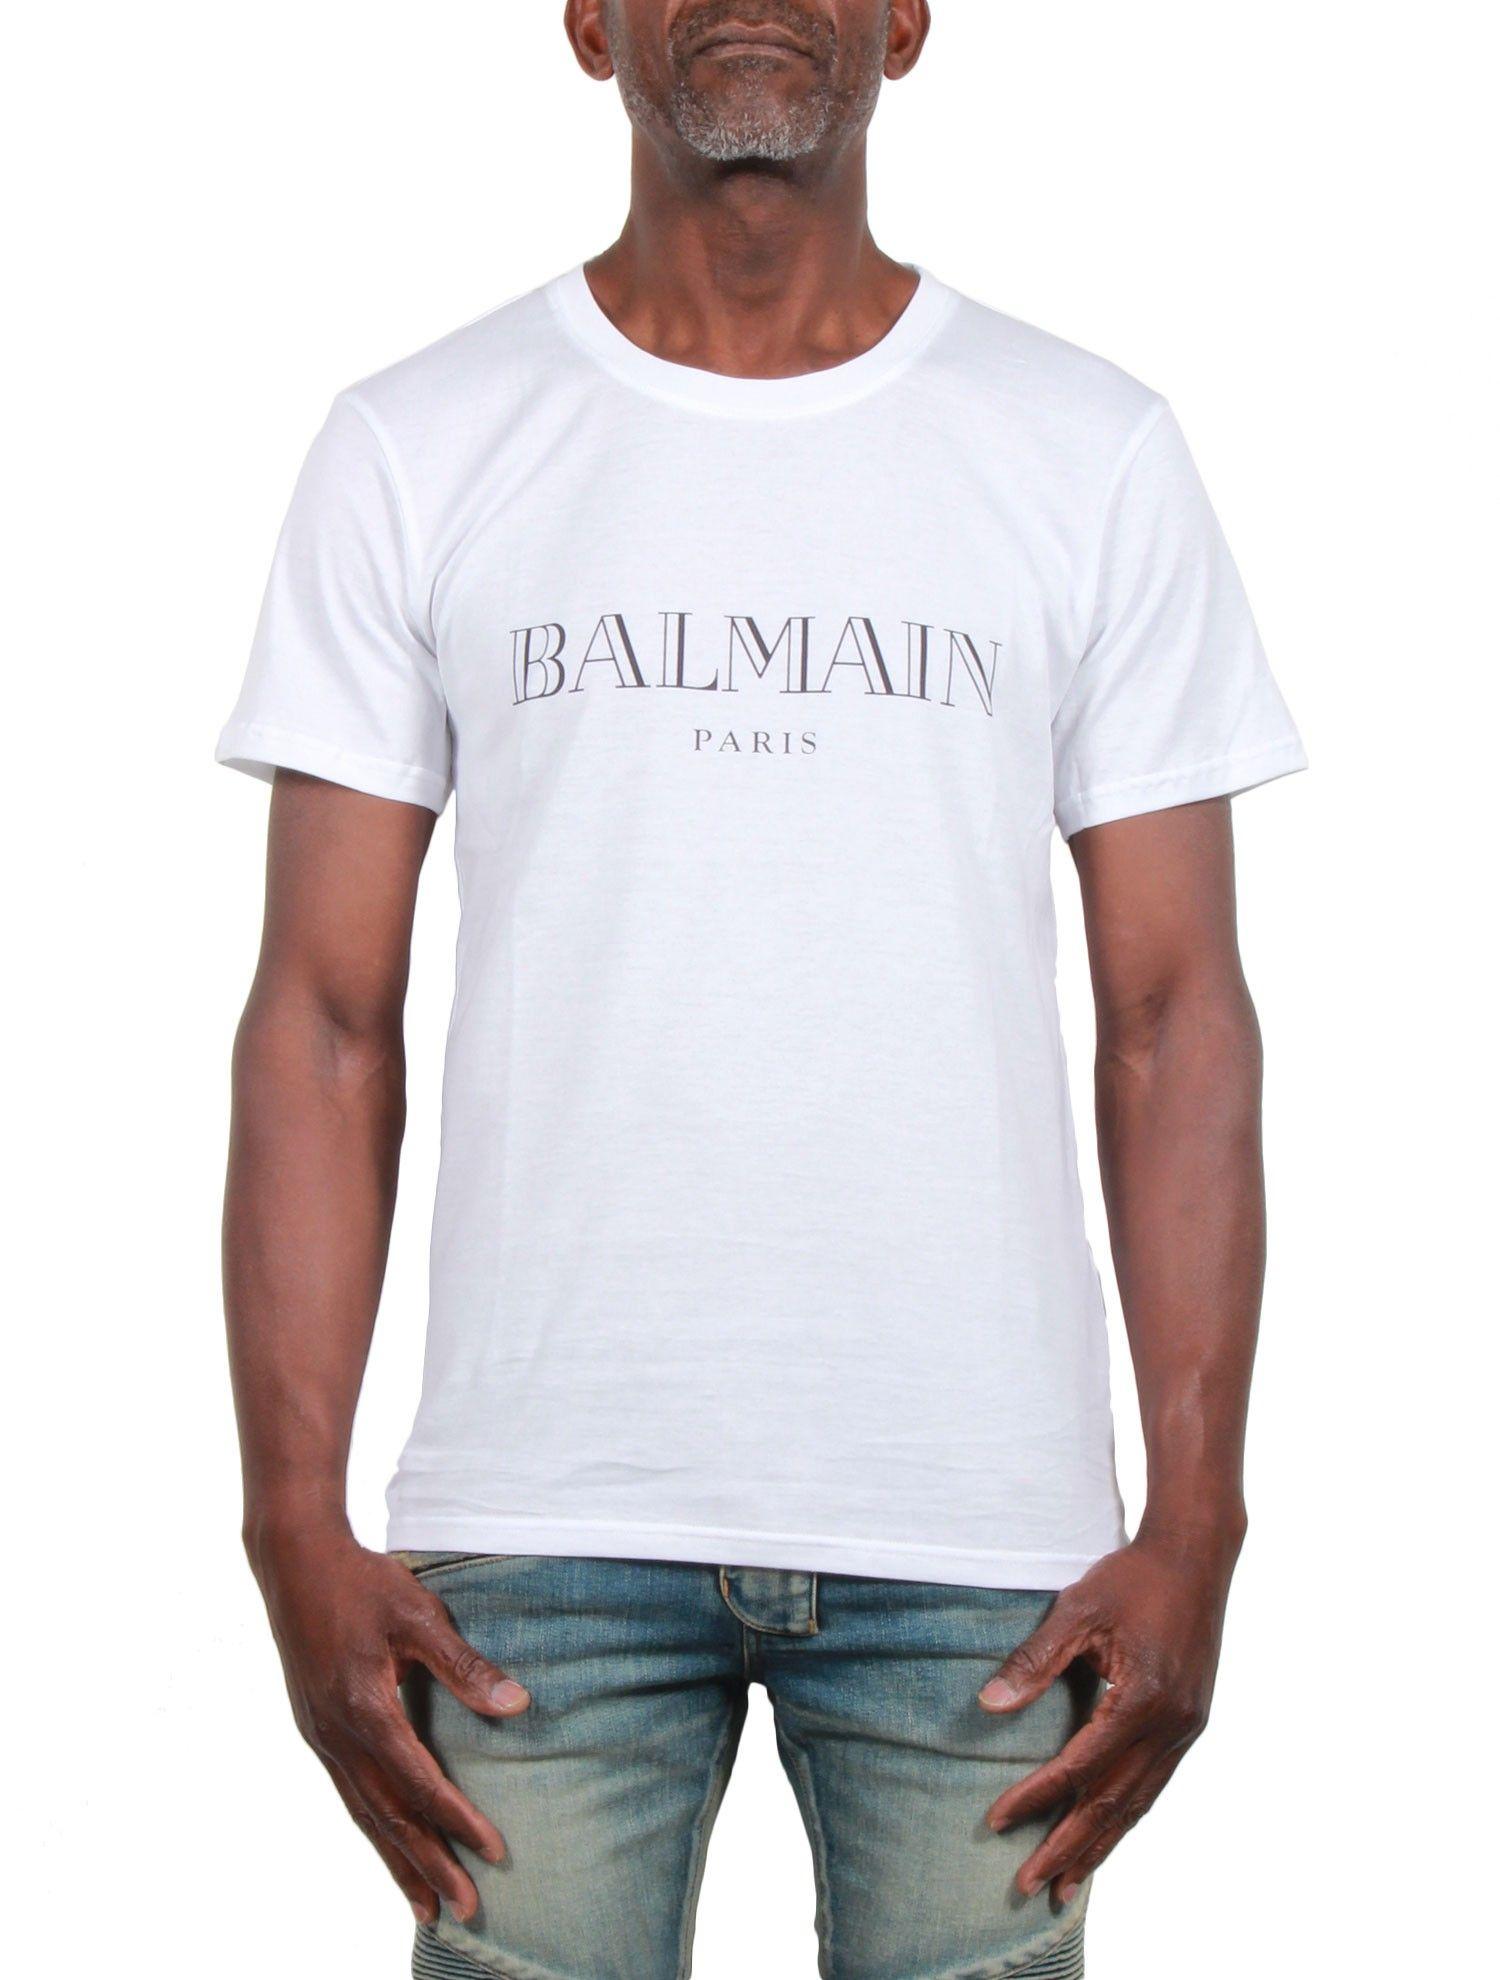 Tee-shirt Homme Manches Courtes BALMAIN - Imprimé Logo - Blanc - serie ||